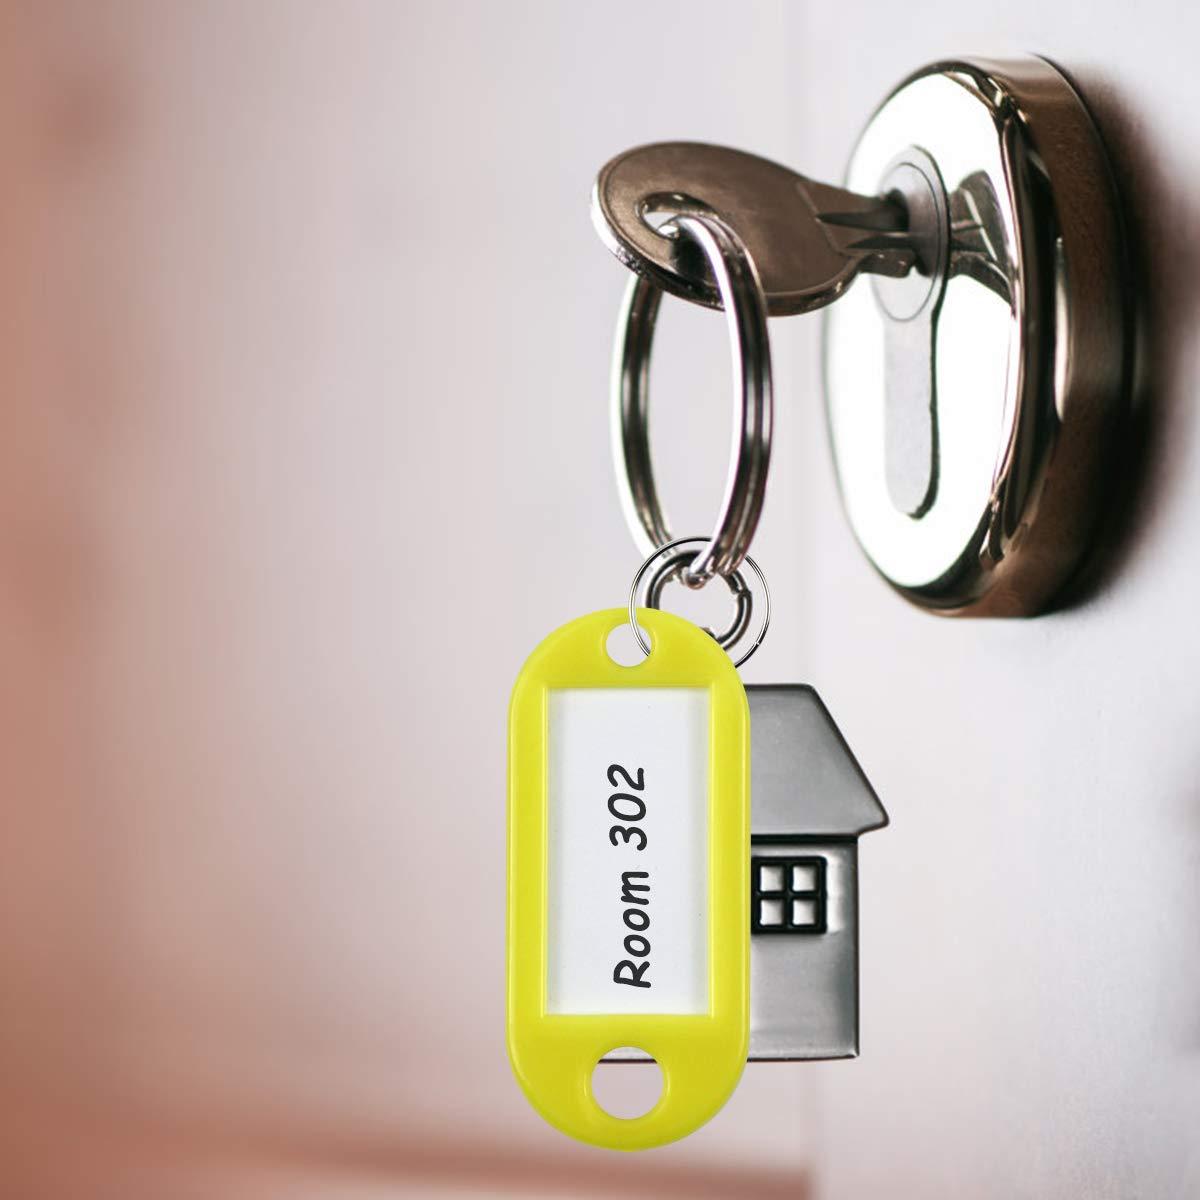 50 St/ücke Schl/üsselanh/änger Bunt Kunststoff Key ID Label Durable Kofferanh/ängermit Ring zum Beschriften B/ürogebrauch Reise